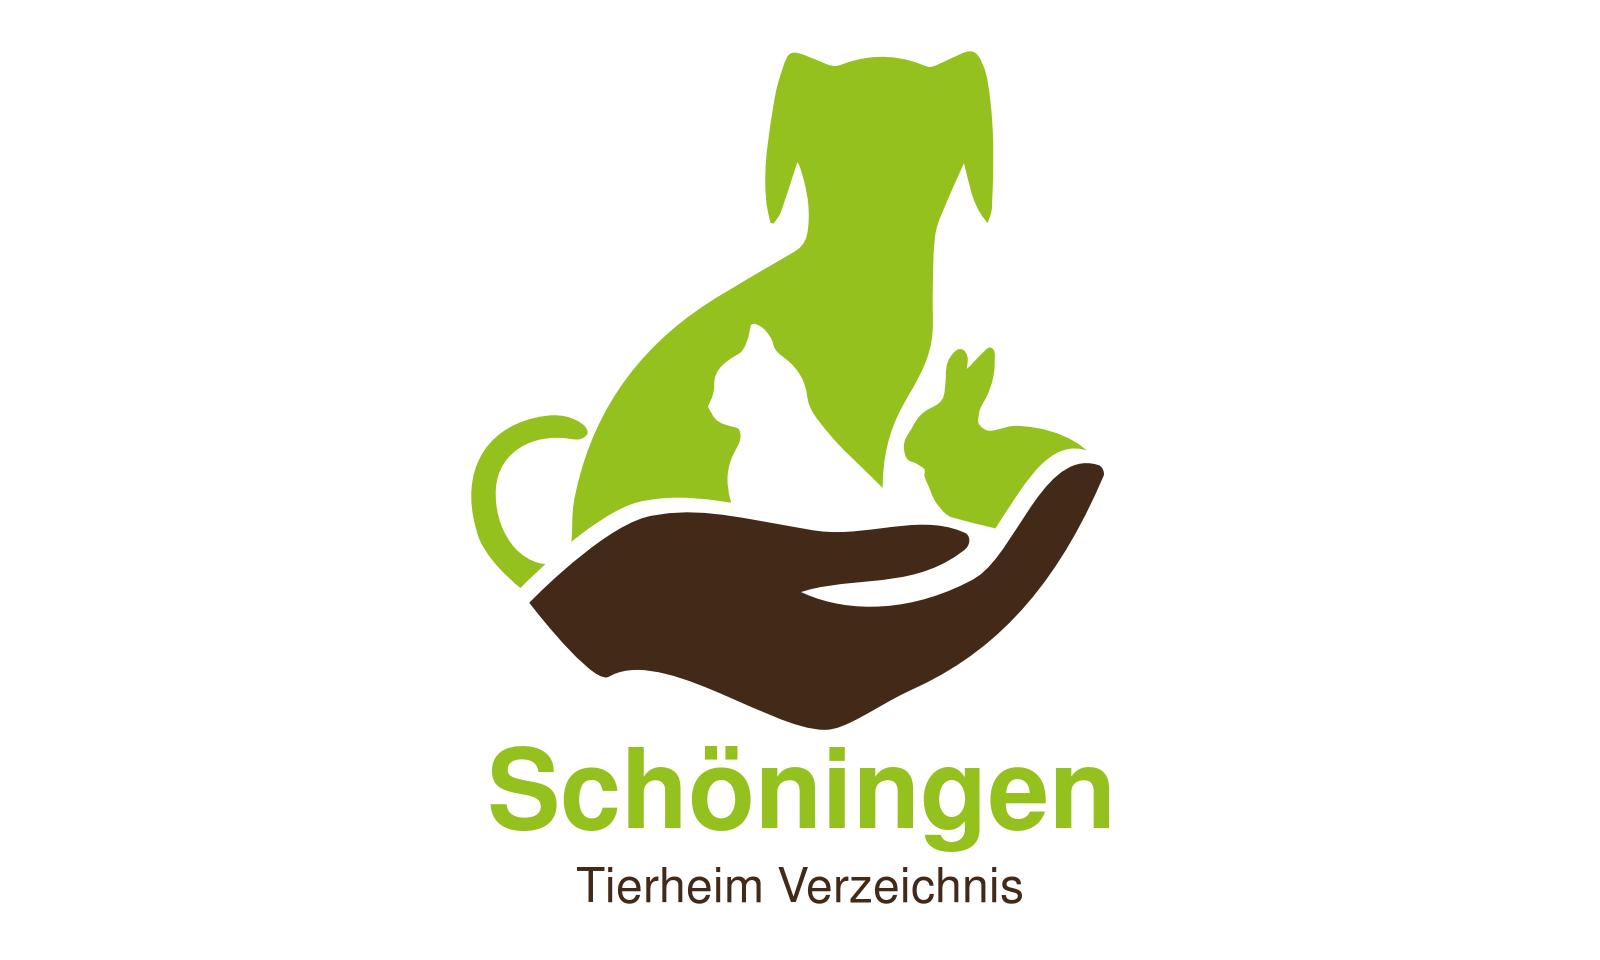 Tierheim Schöningen